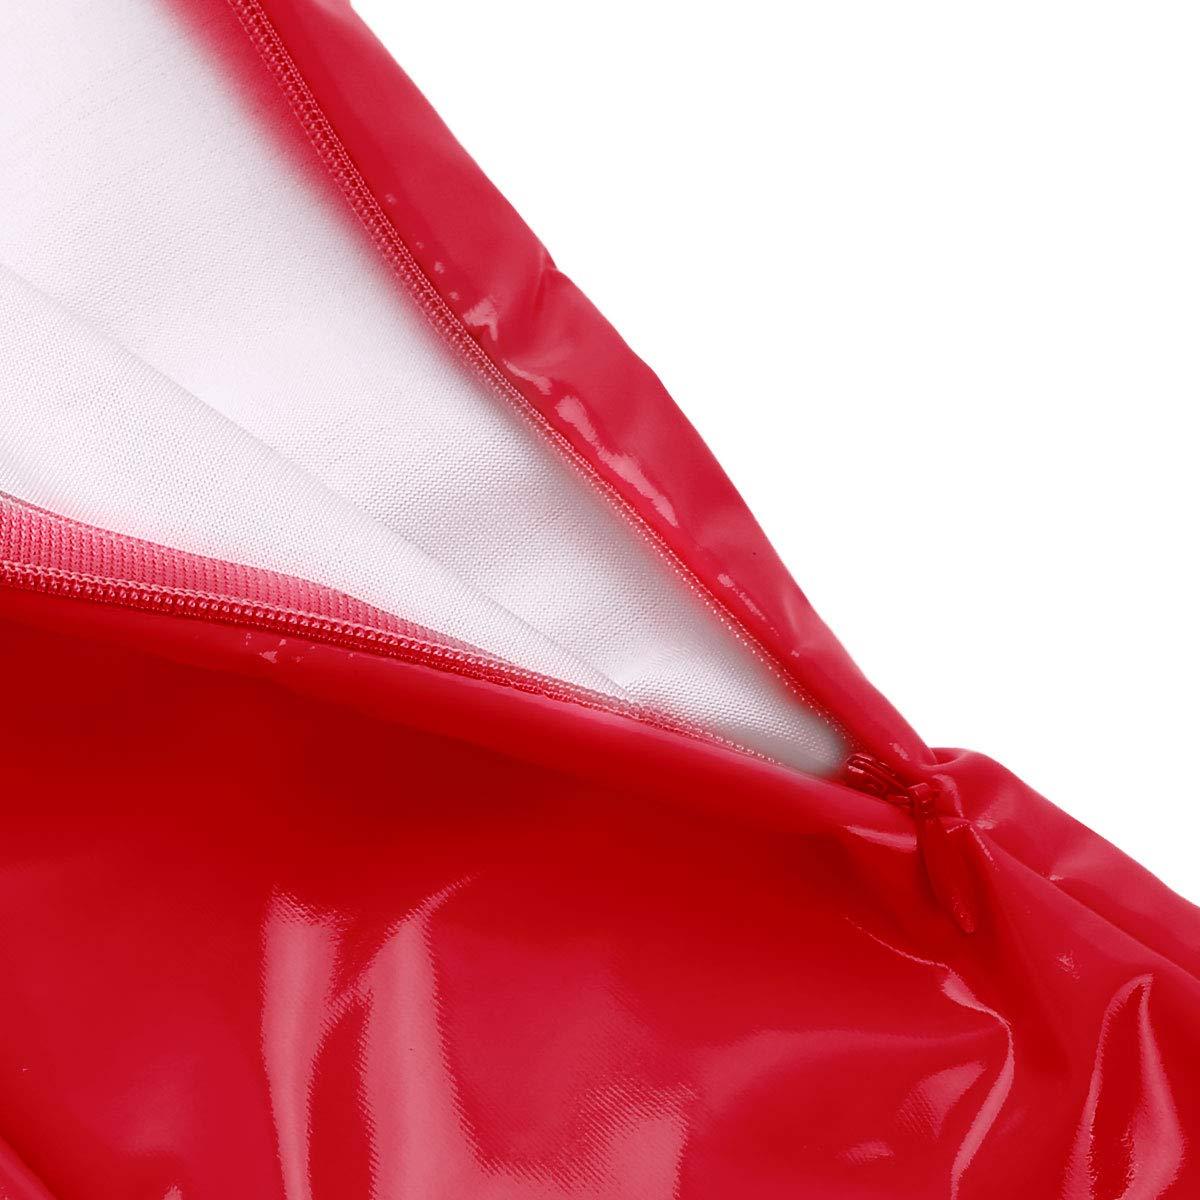 Freebily Latex Vestito Tubino Donna Scollo U Profondo Wetlook Bodycon Senza Maniche Abito Vintage da Partito Festa Costume Carnevale